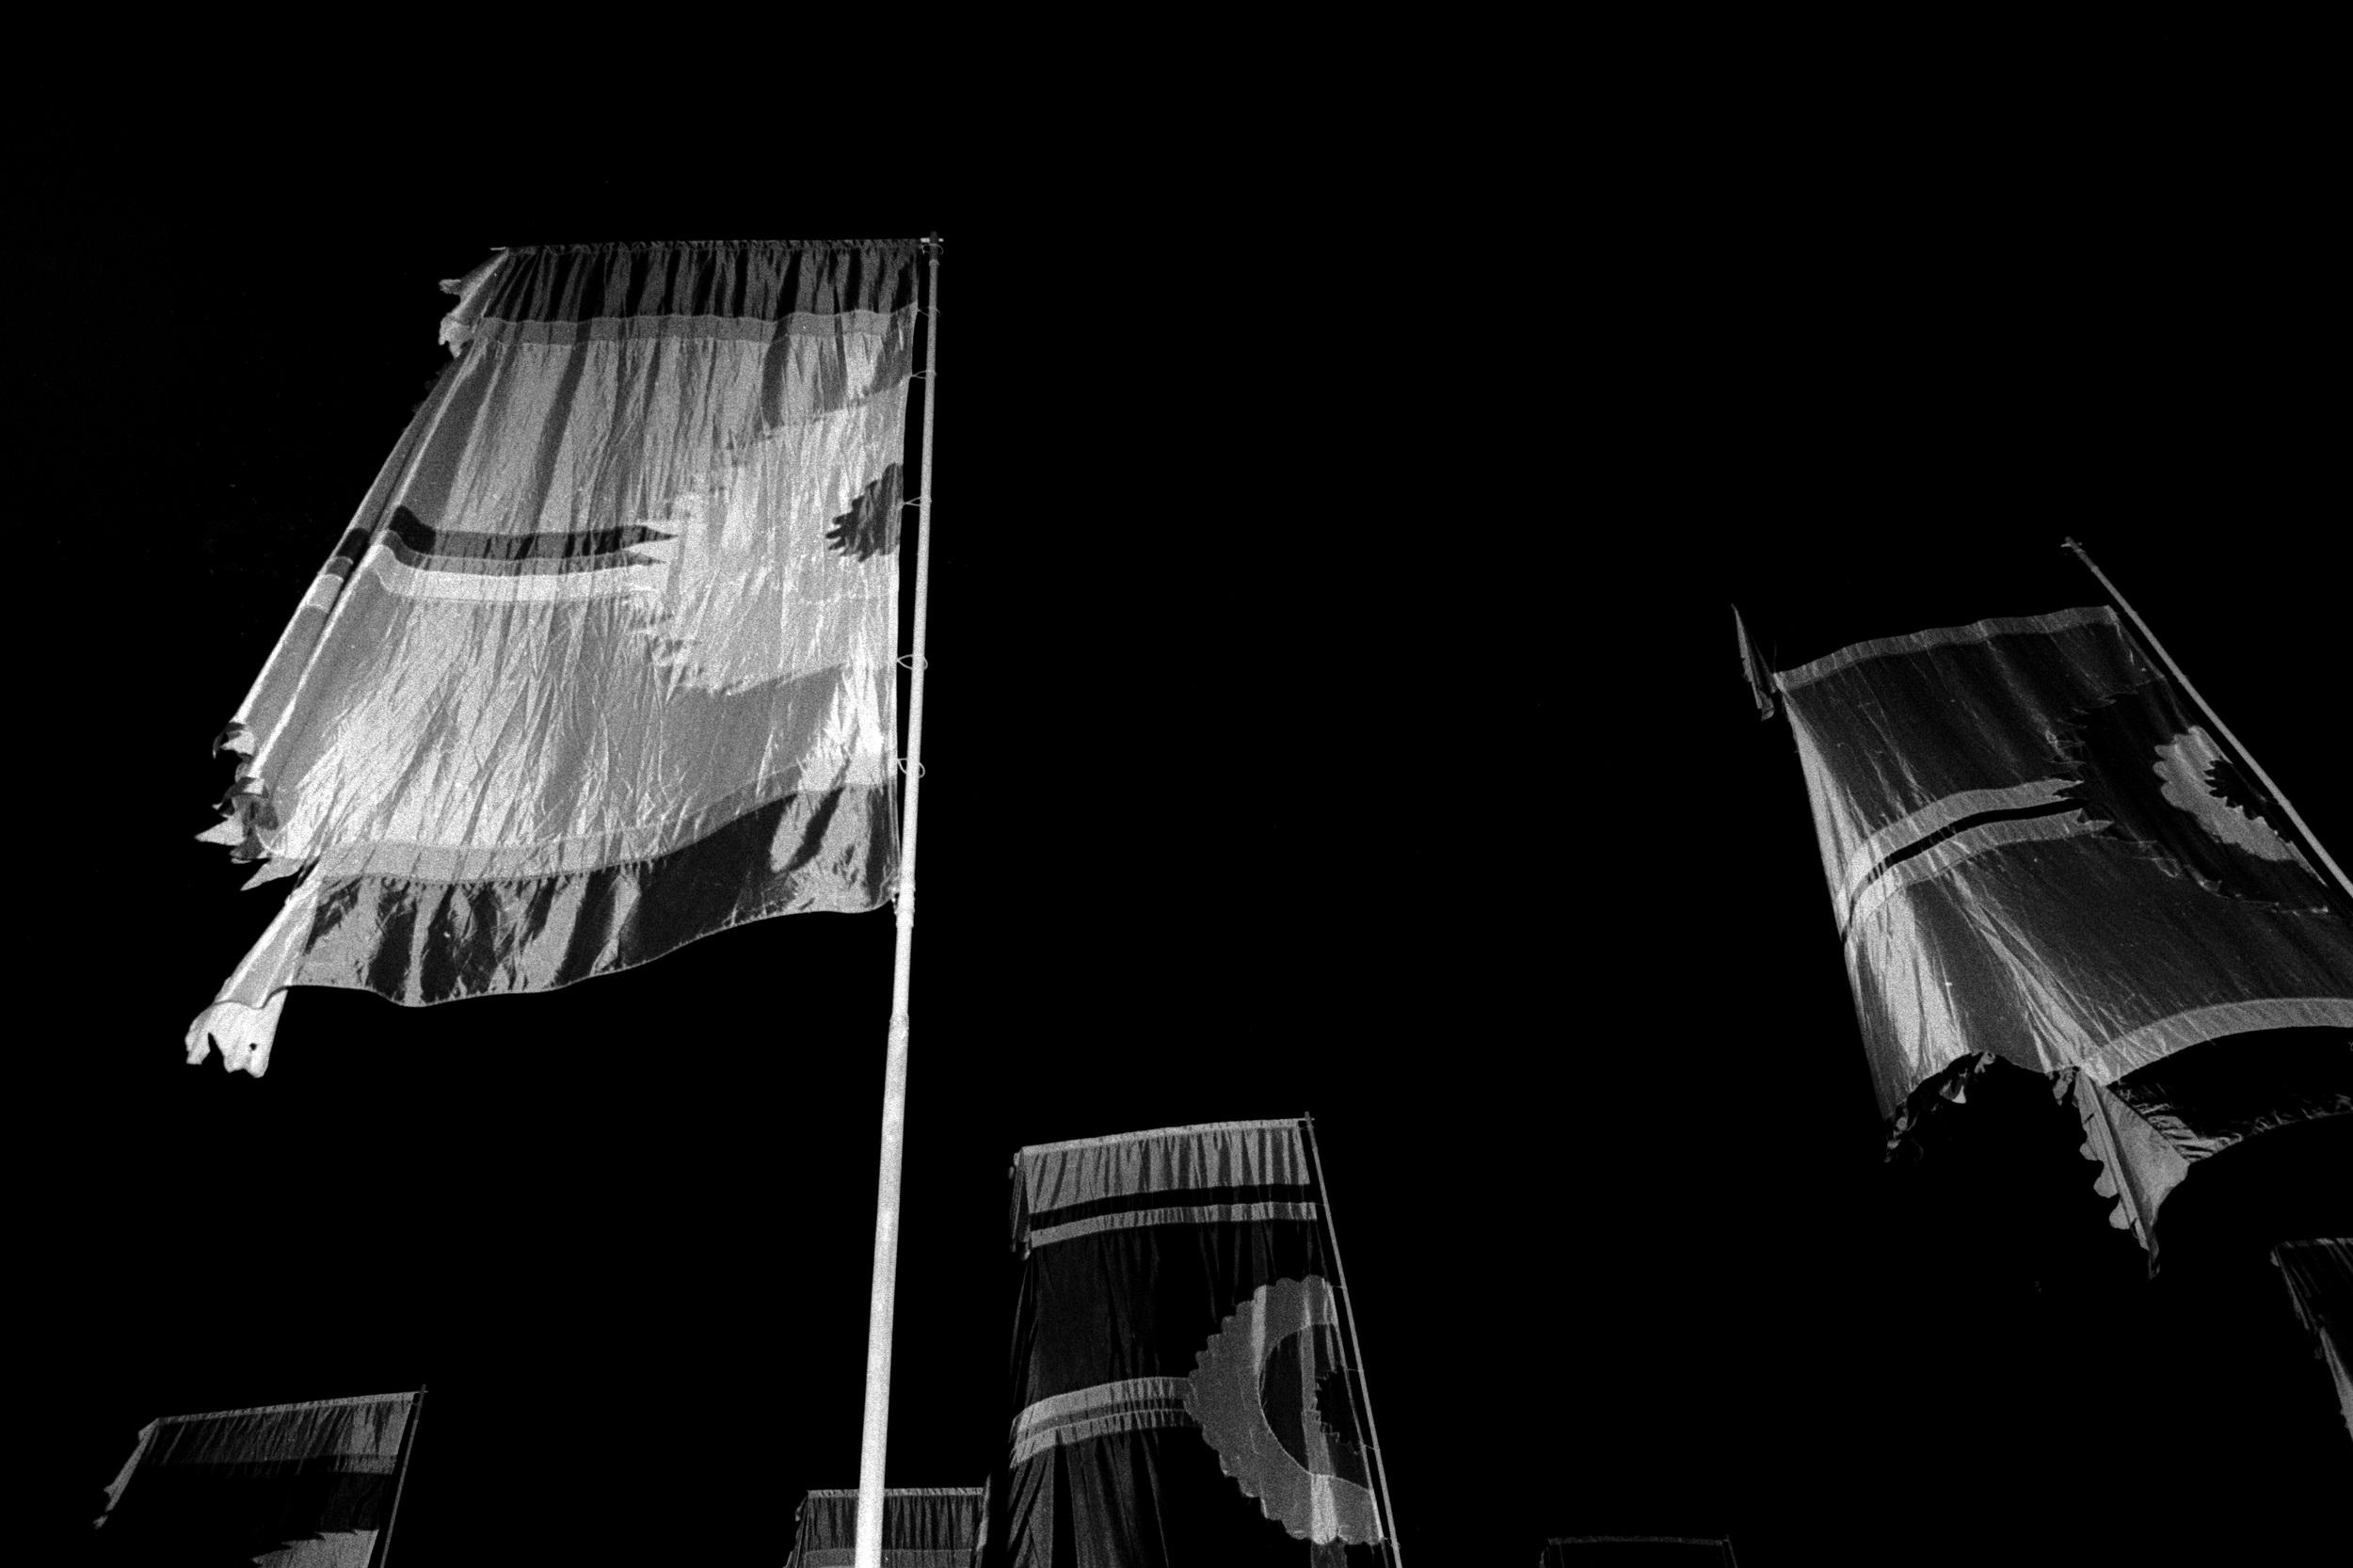 Glastonbury A Worthy View 01 Lloyd Ramos.jpg